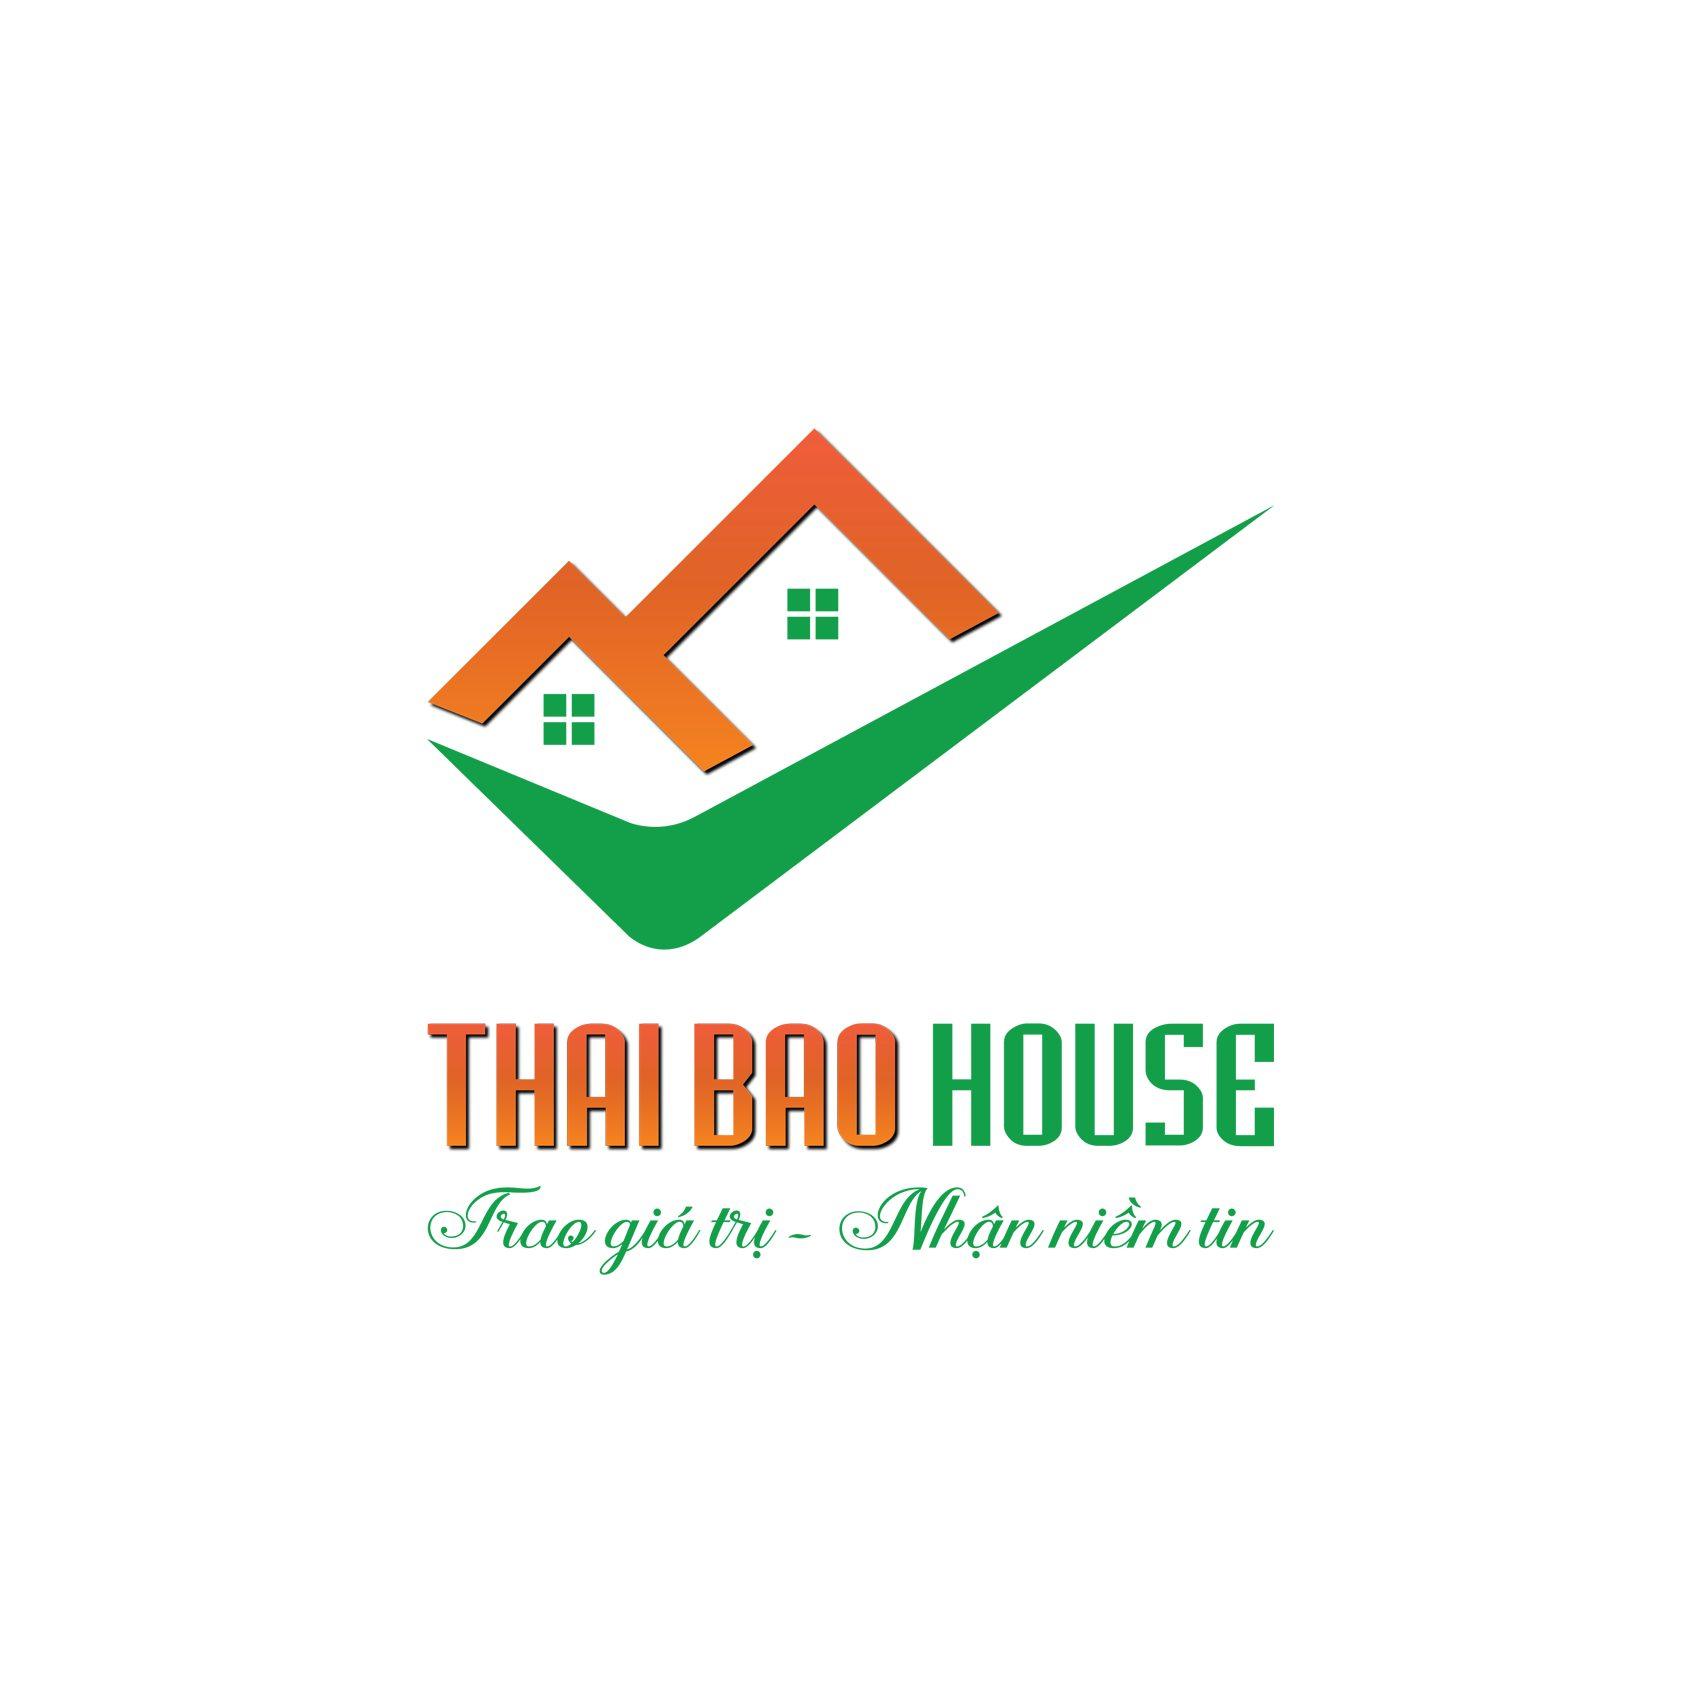 Thái-Bảo-House tư vấn đầu tư xây dựng bất động sản logo thiết kế logo trọn bộ nhận diện thương hiệu thiết kế hình ảnh đại diện brand identity thiết kế đồ họa in ấn quảng cáo Helixgram